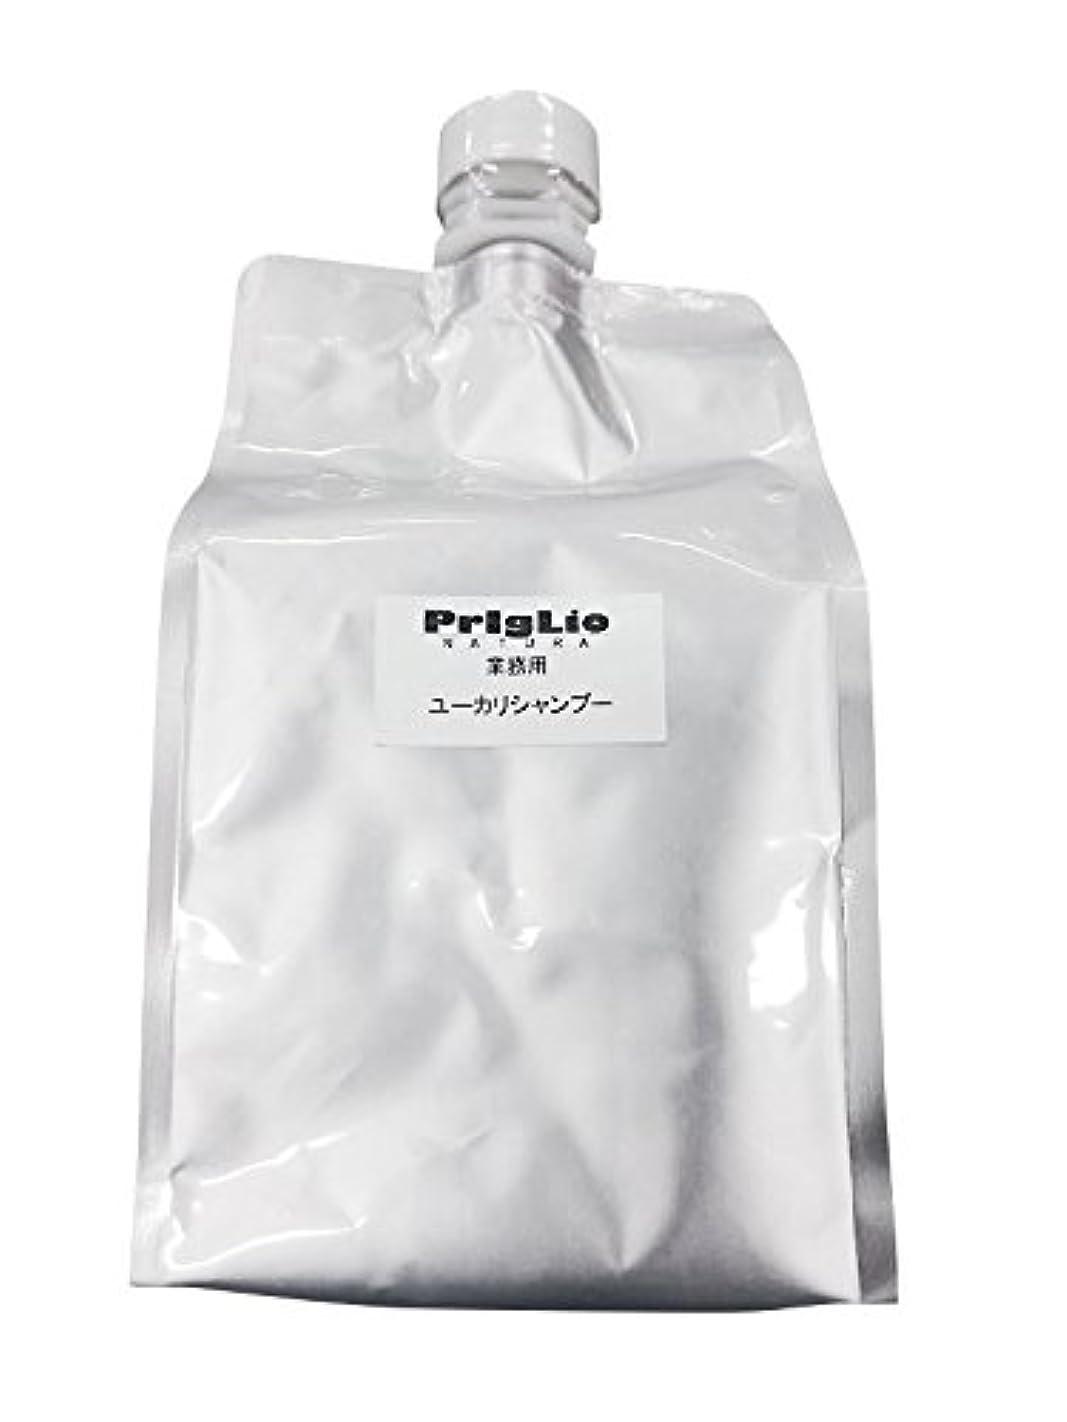 ボトル幾何学カバーPrigLio(プリグリオ) C ユーカリシャンプー レフィル 900ml